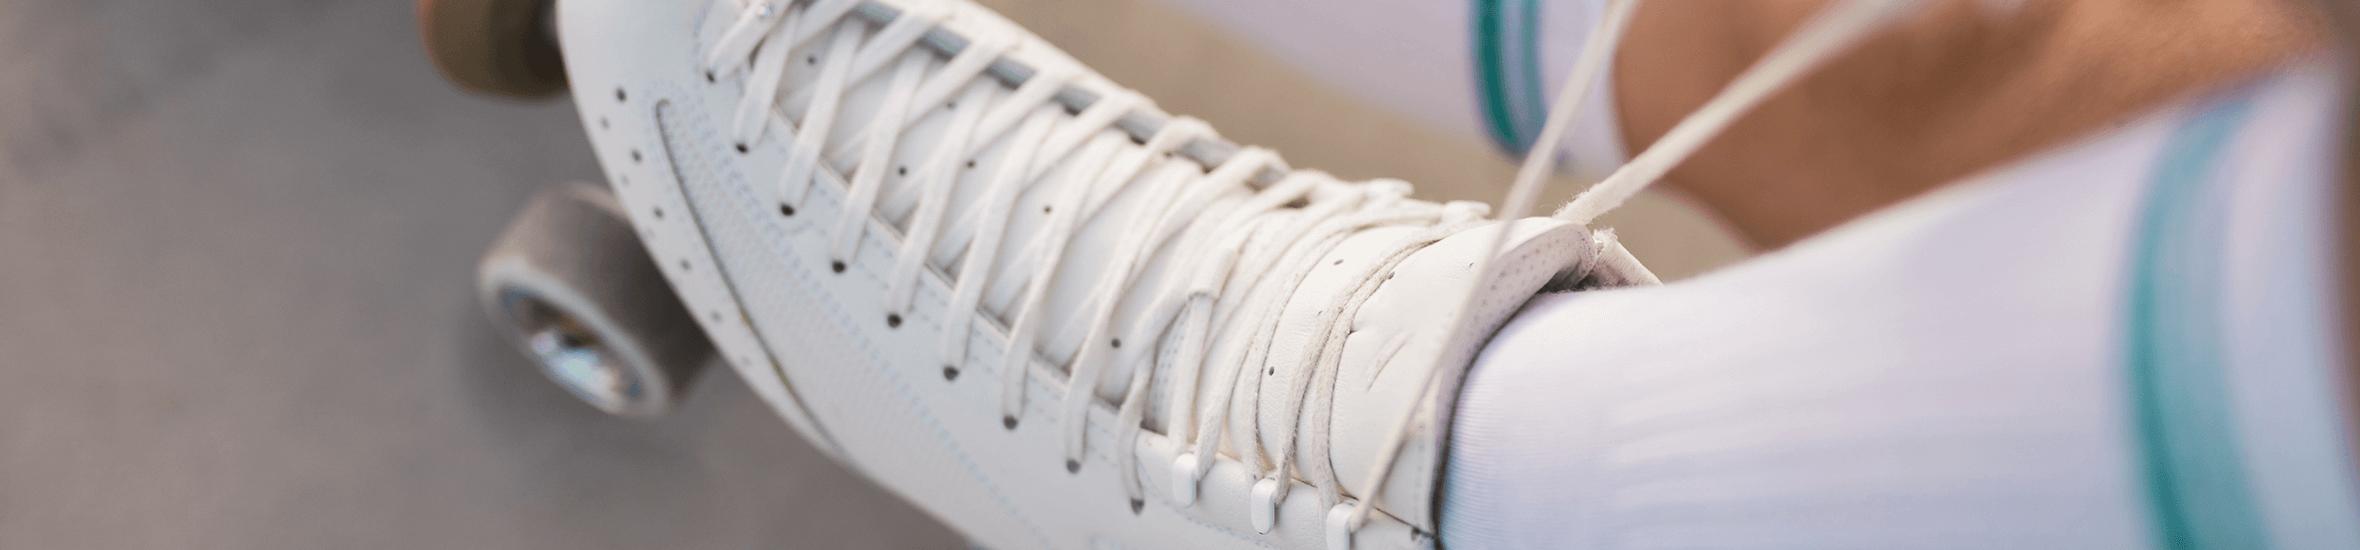 Shoelace : le réseau social de proximité